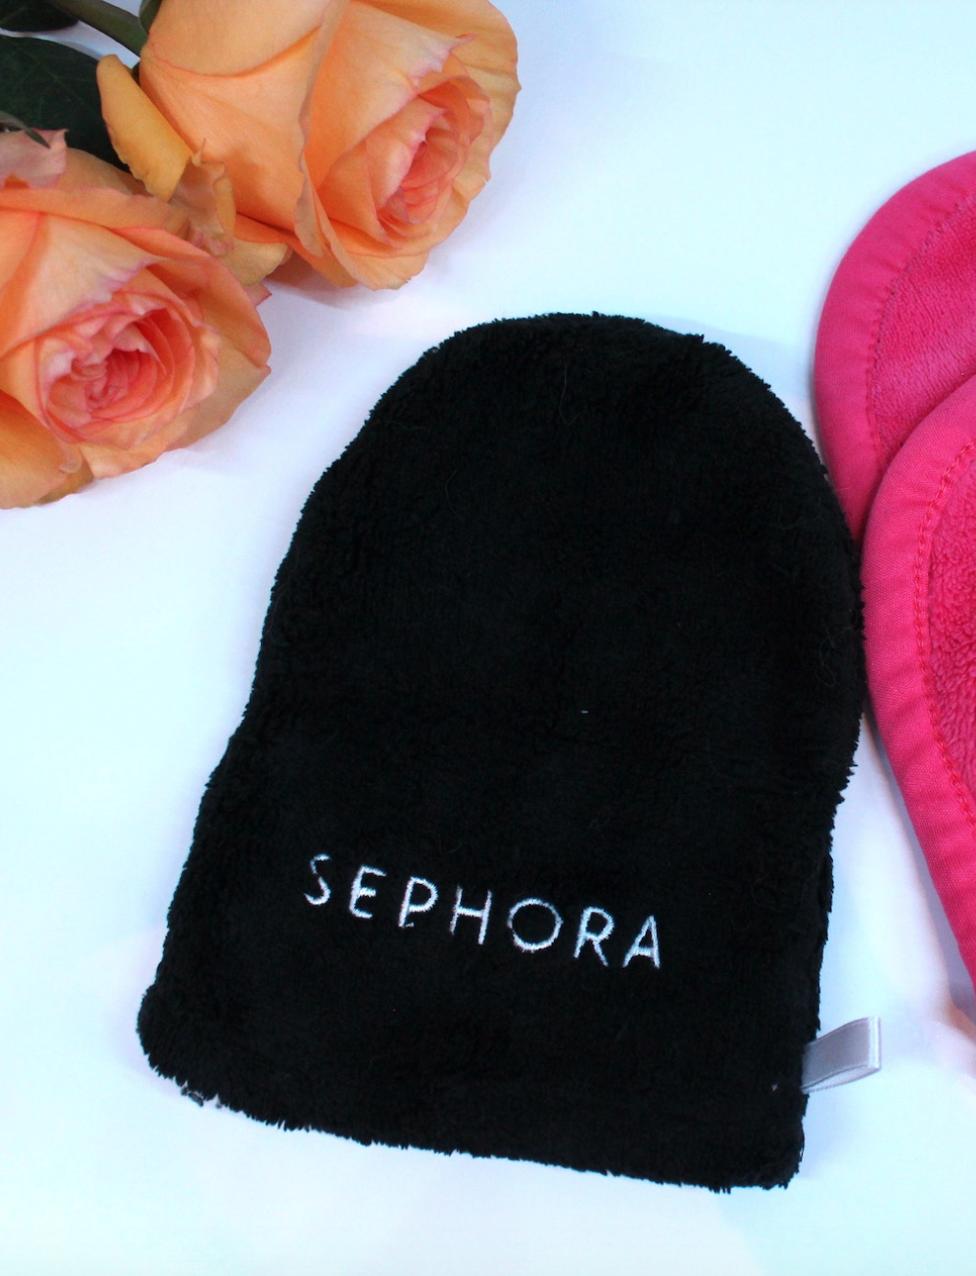 lingette démaquillante gant sephora démaquillant maquillage make-up salle de bain beauté rose orange serviette - blog - Clem ATC